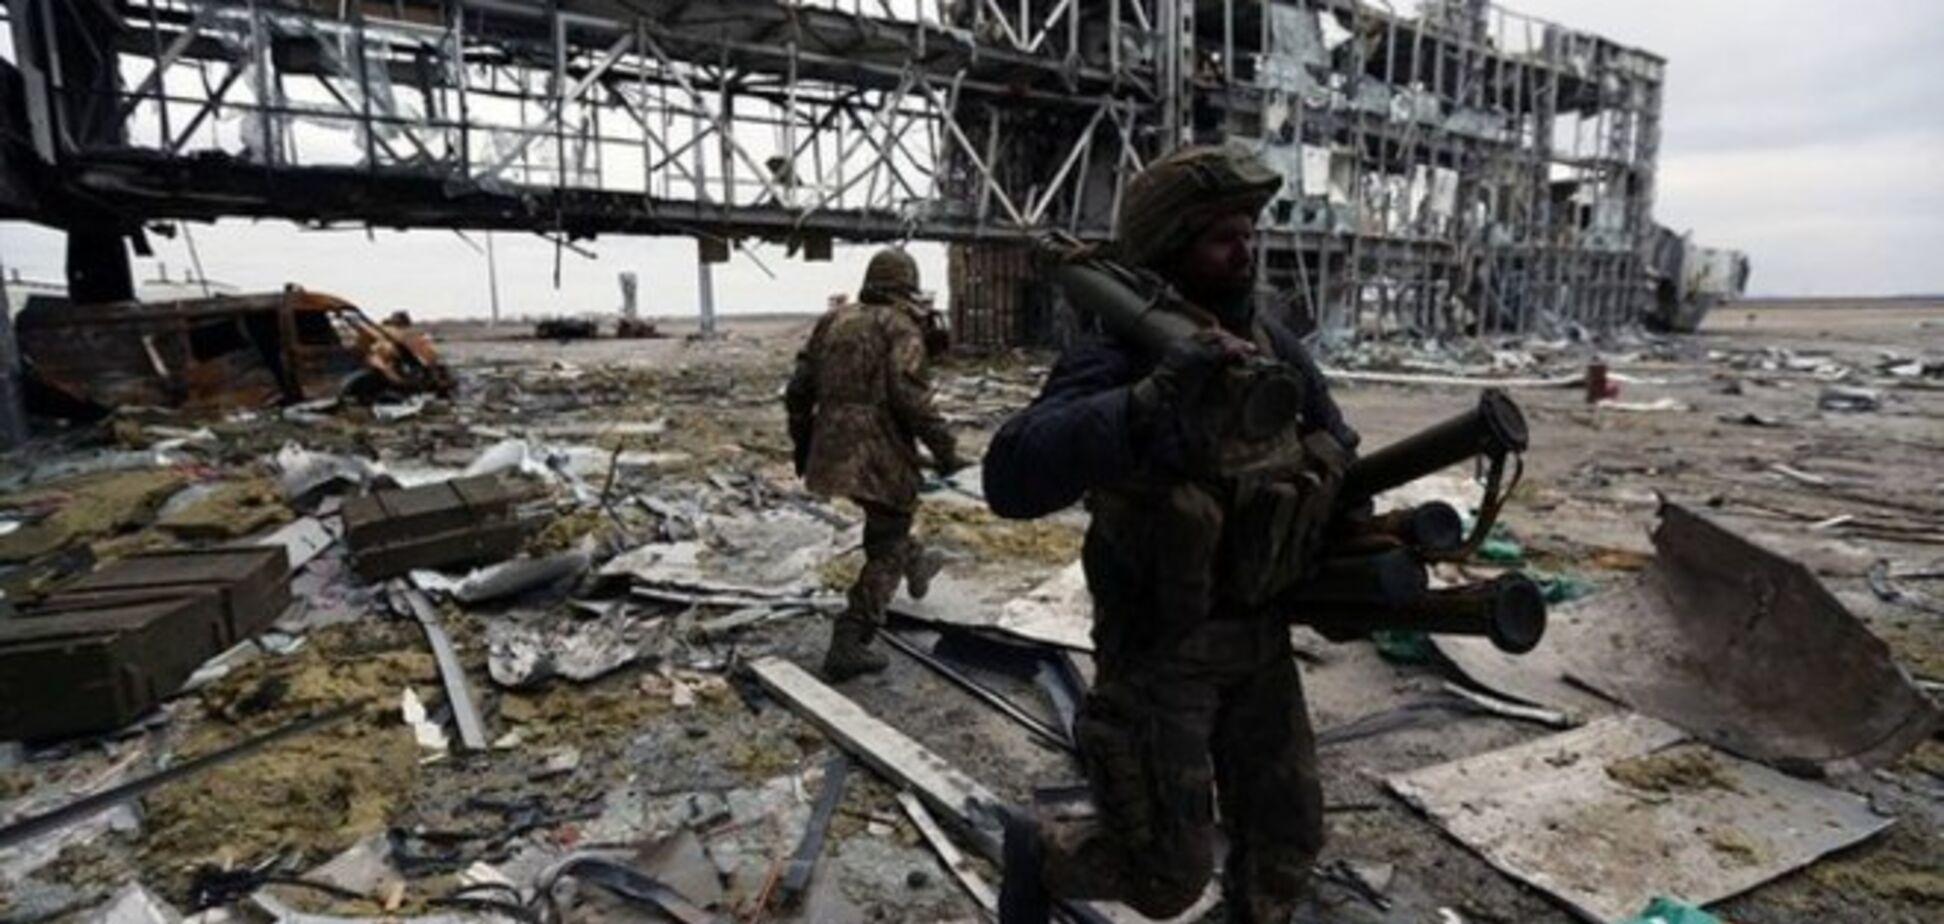 'Они здесь все тропинки знают': на помощь 'киборгам' в донецком аэропорту прибыла 79-я бригада